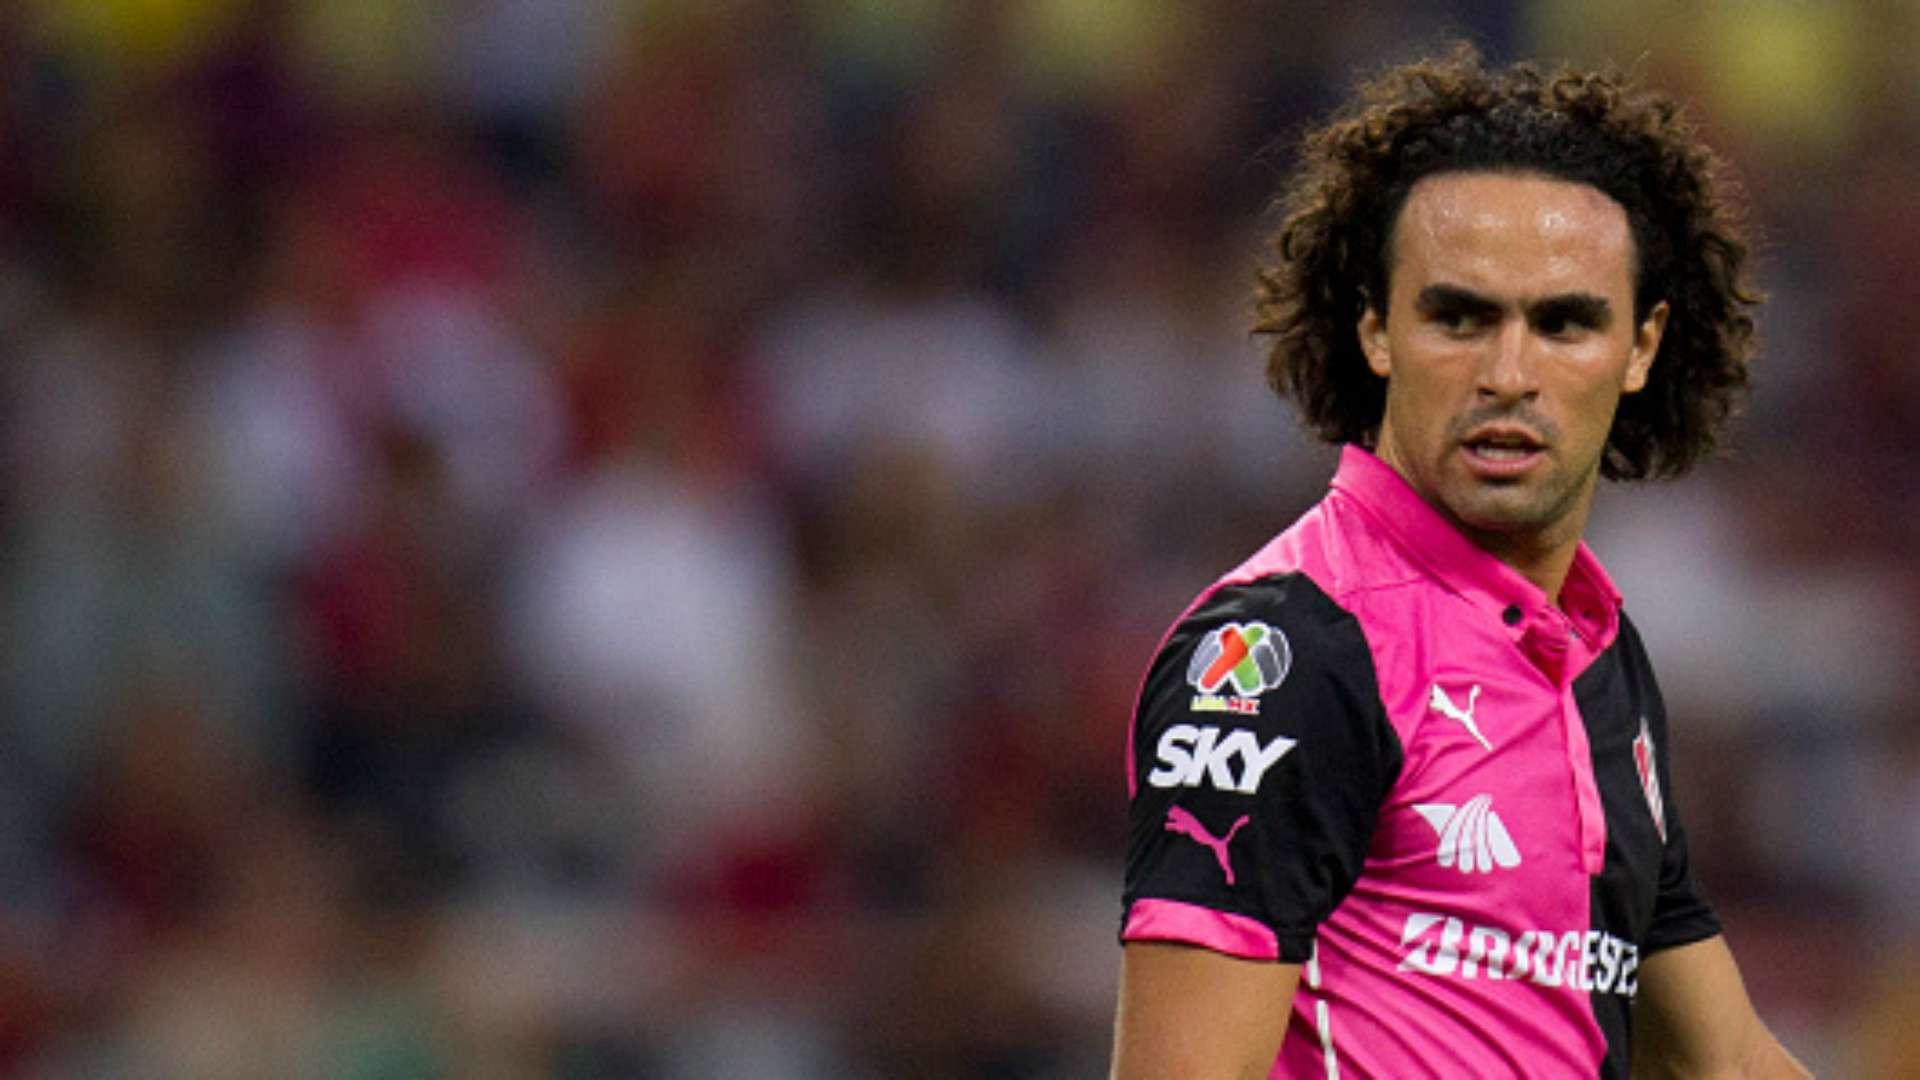 XI ideal con los apodos más raros de la Liga MX | Goal com